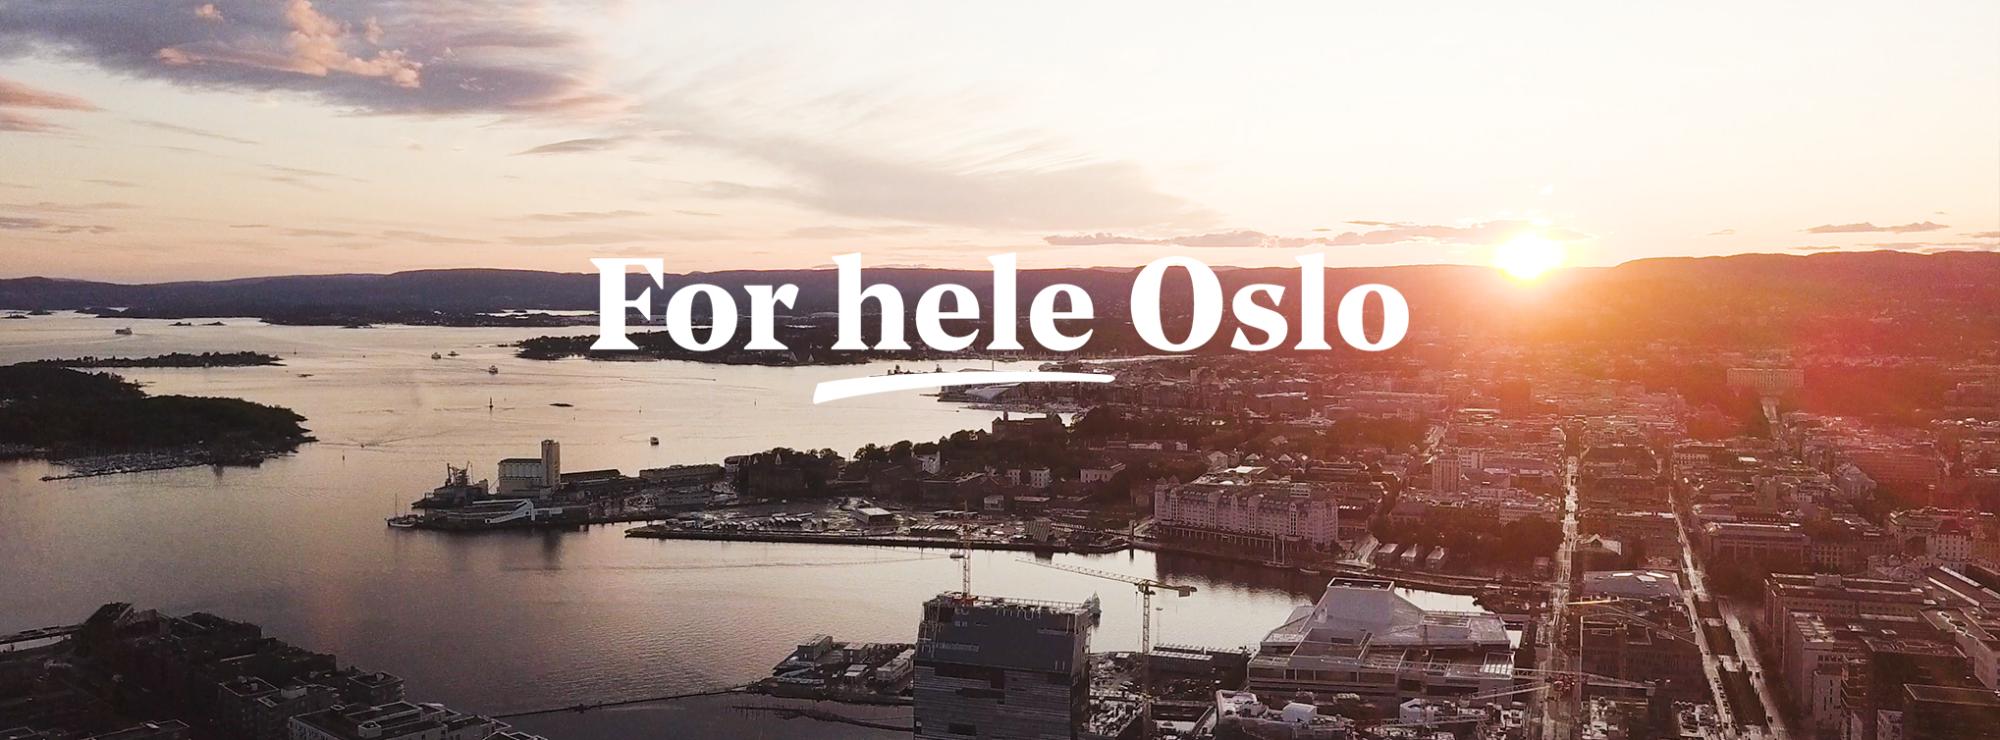 For hele Oslo